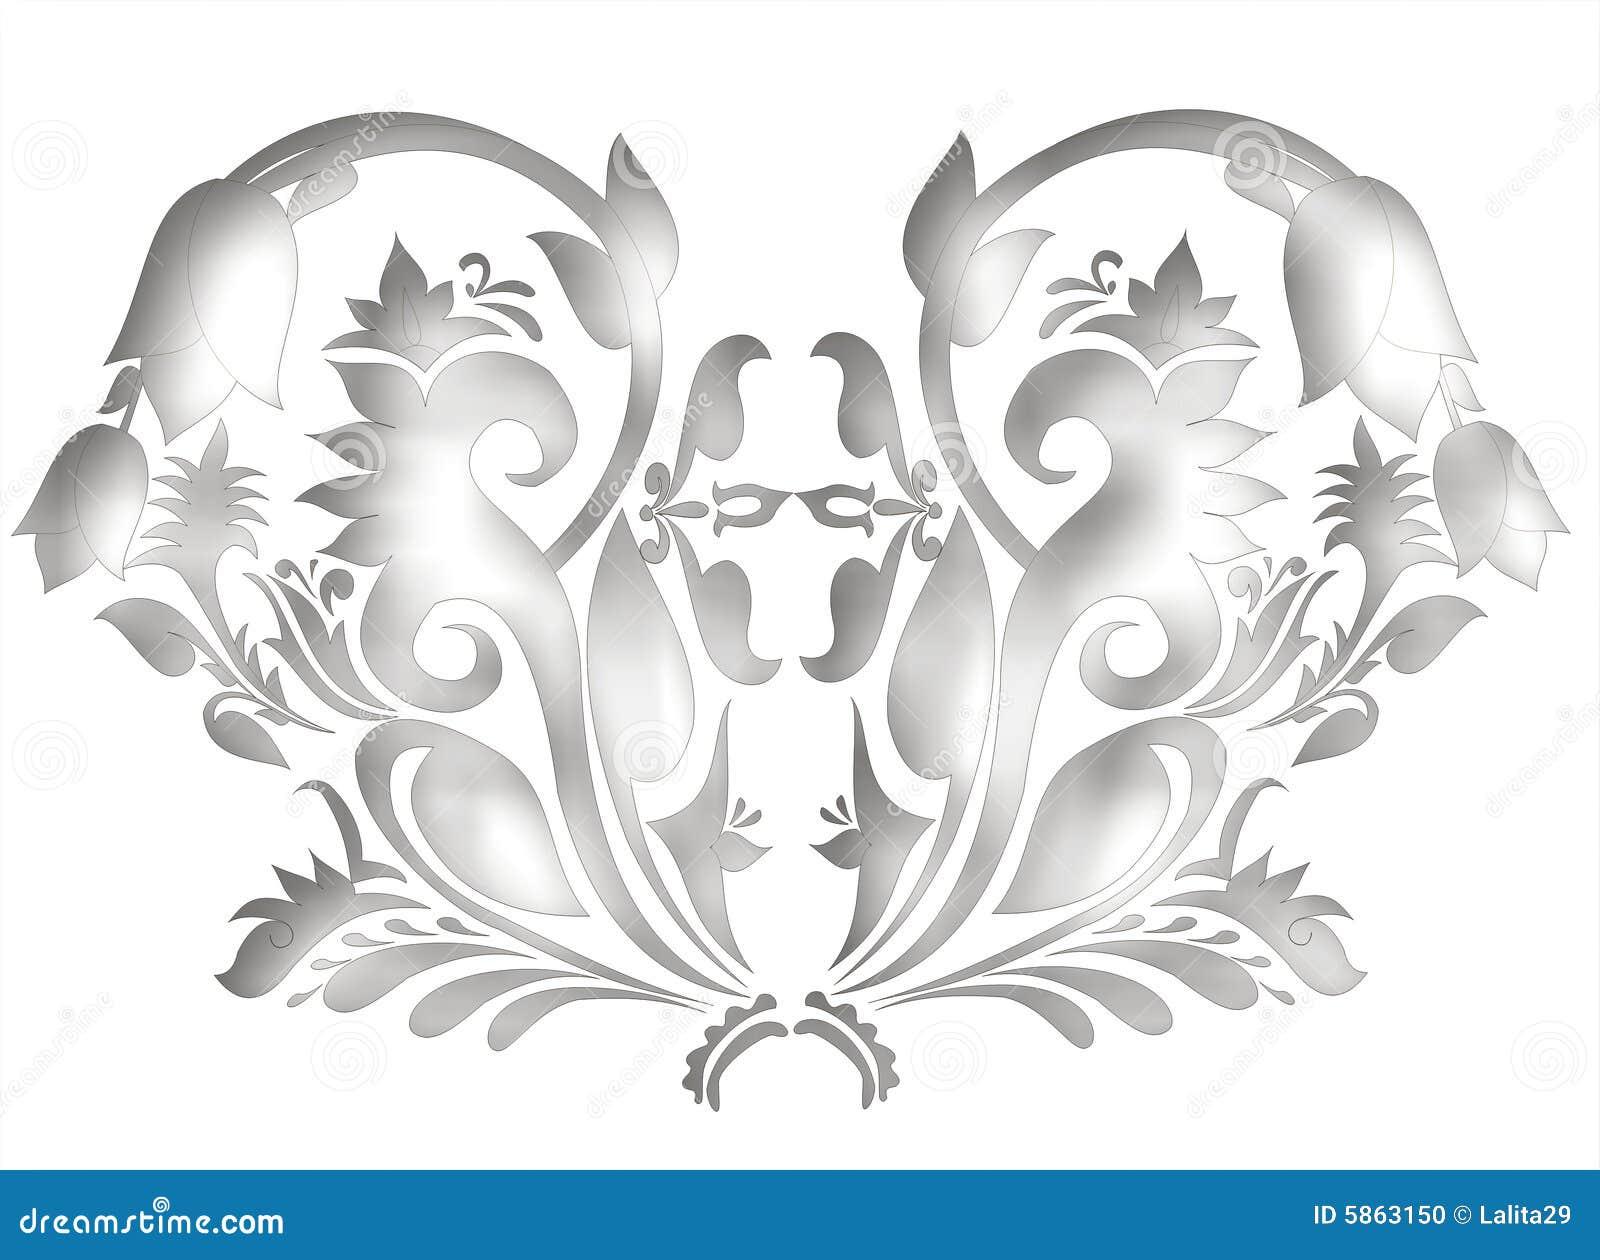 Dekoratives Motiv